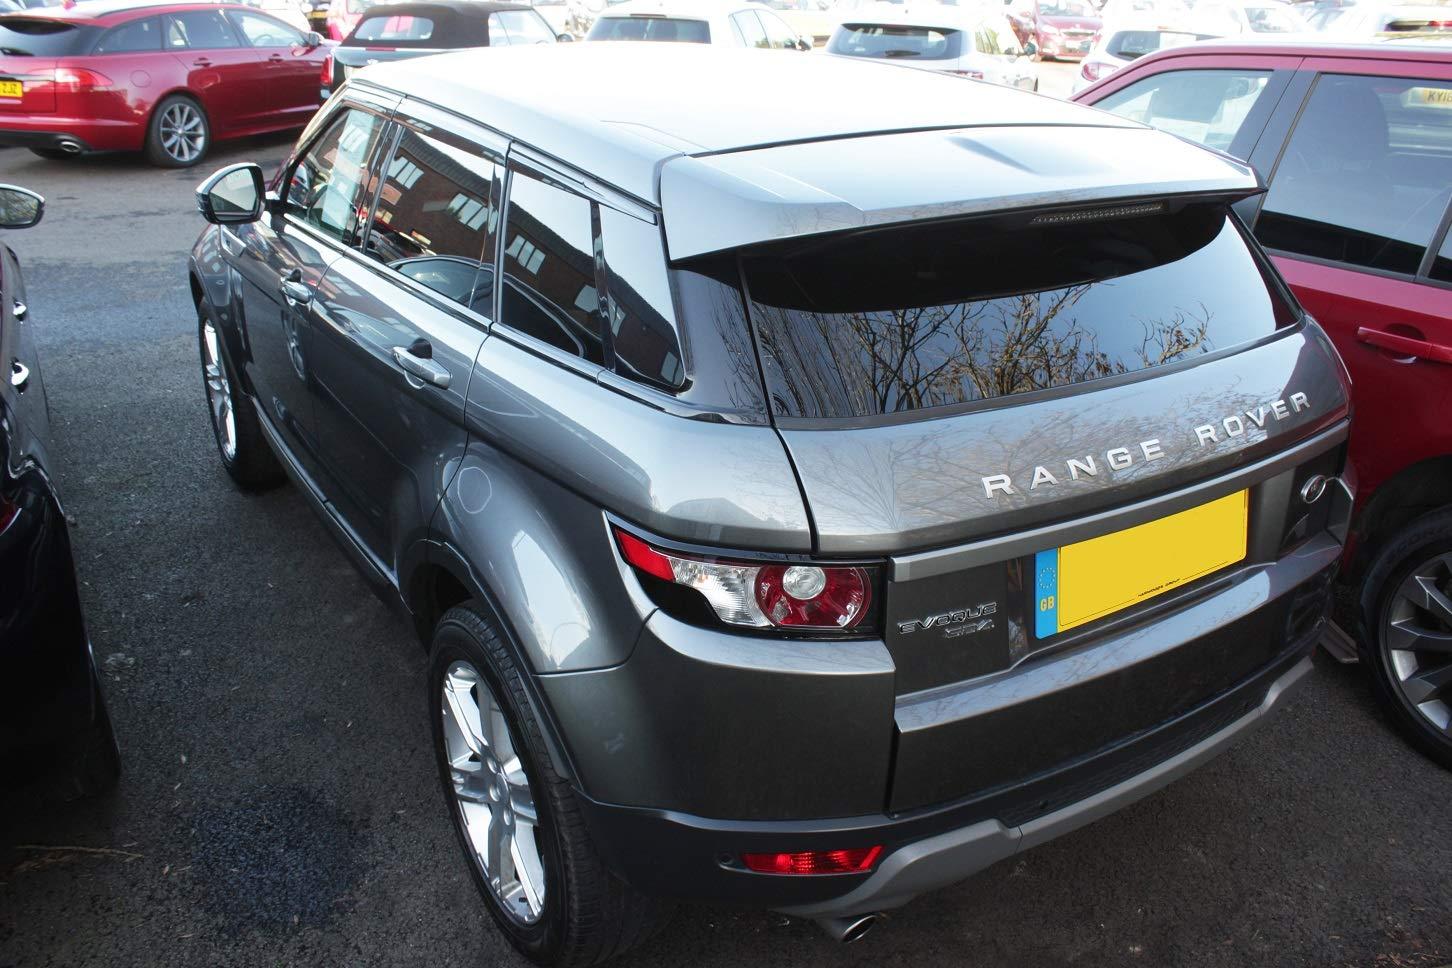 6 Unidades Autoclover Juego de deflectores de Viento para Range Rover Evoque 2011+